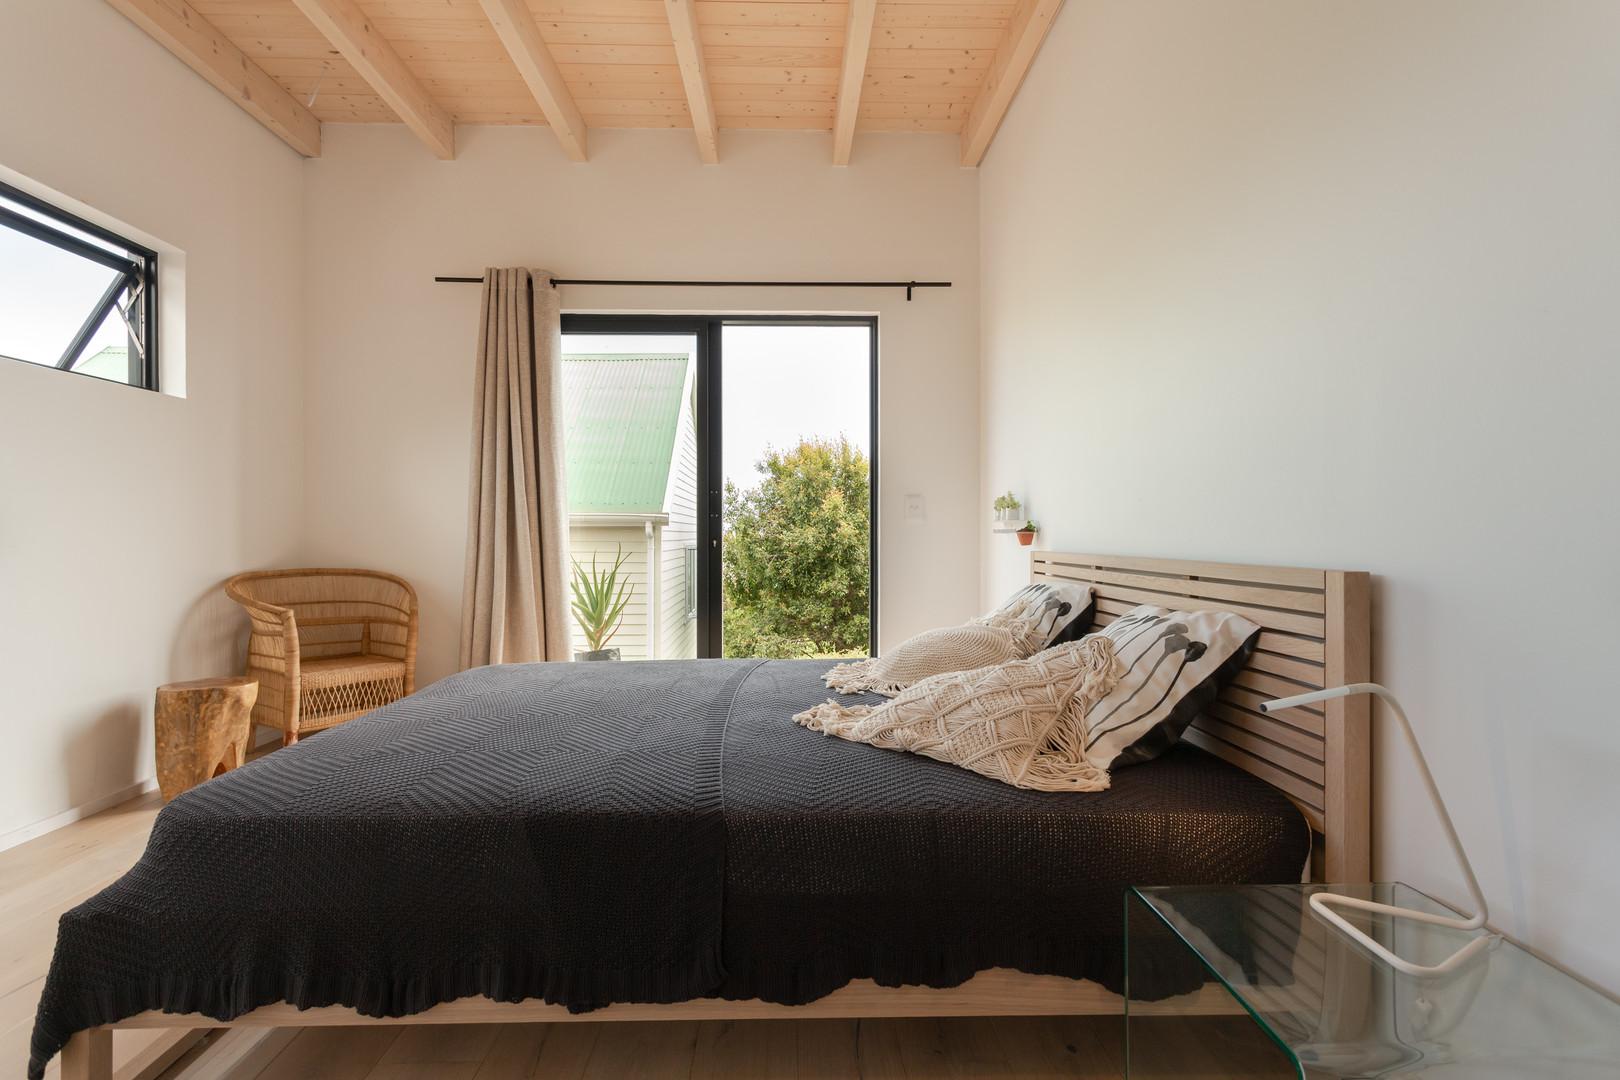 loft appt bedroom 1.JPG